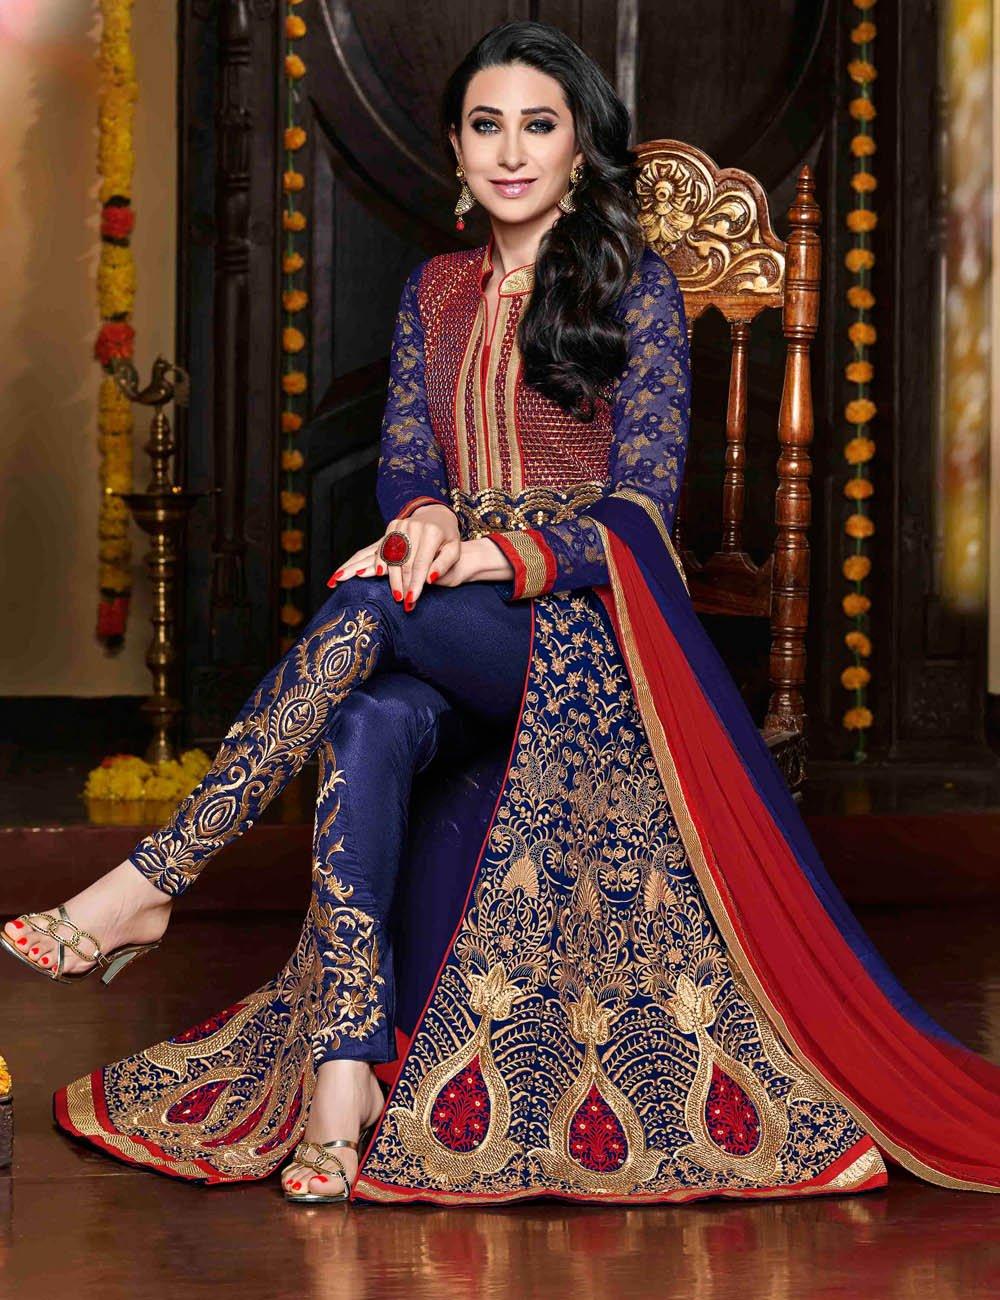 Amazon.com : Blue Color Designer Partywear and Wedding Anarkali ...